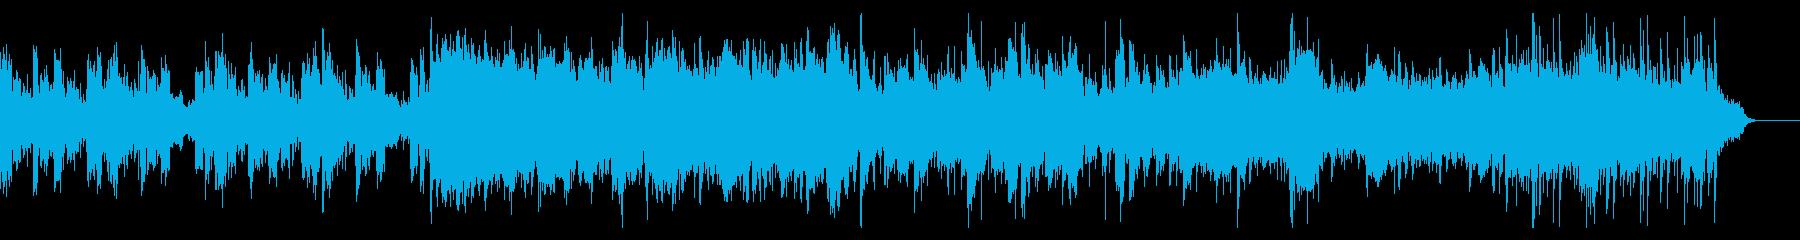 サイバーでスペーシーなシネマティック曲の再生済みの波形